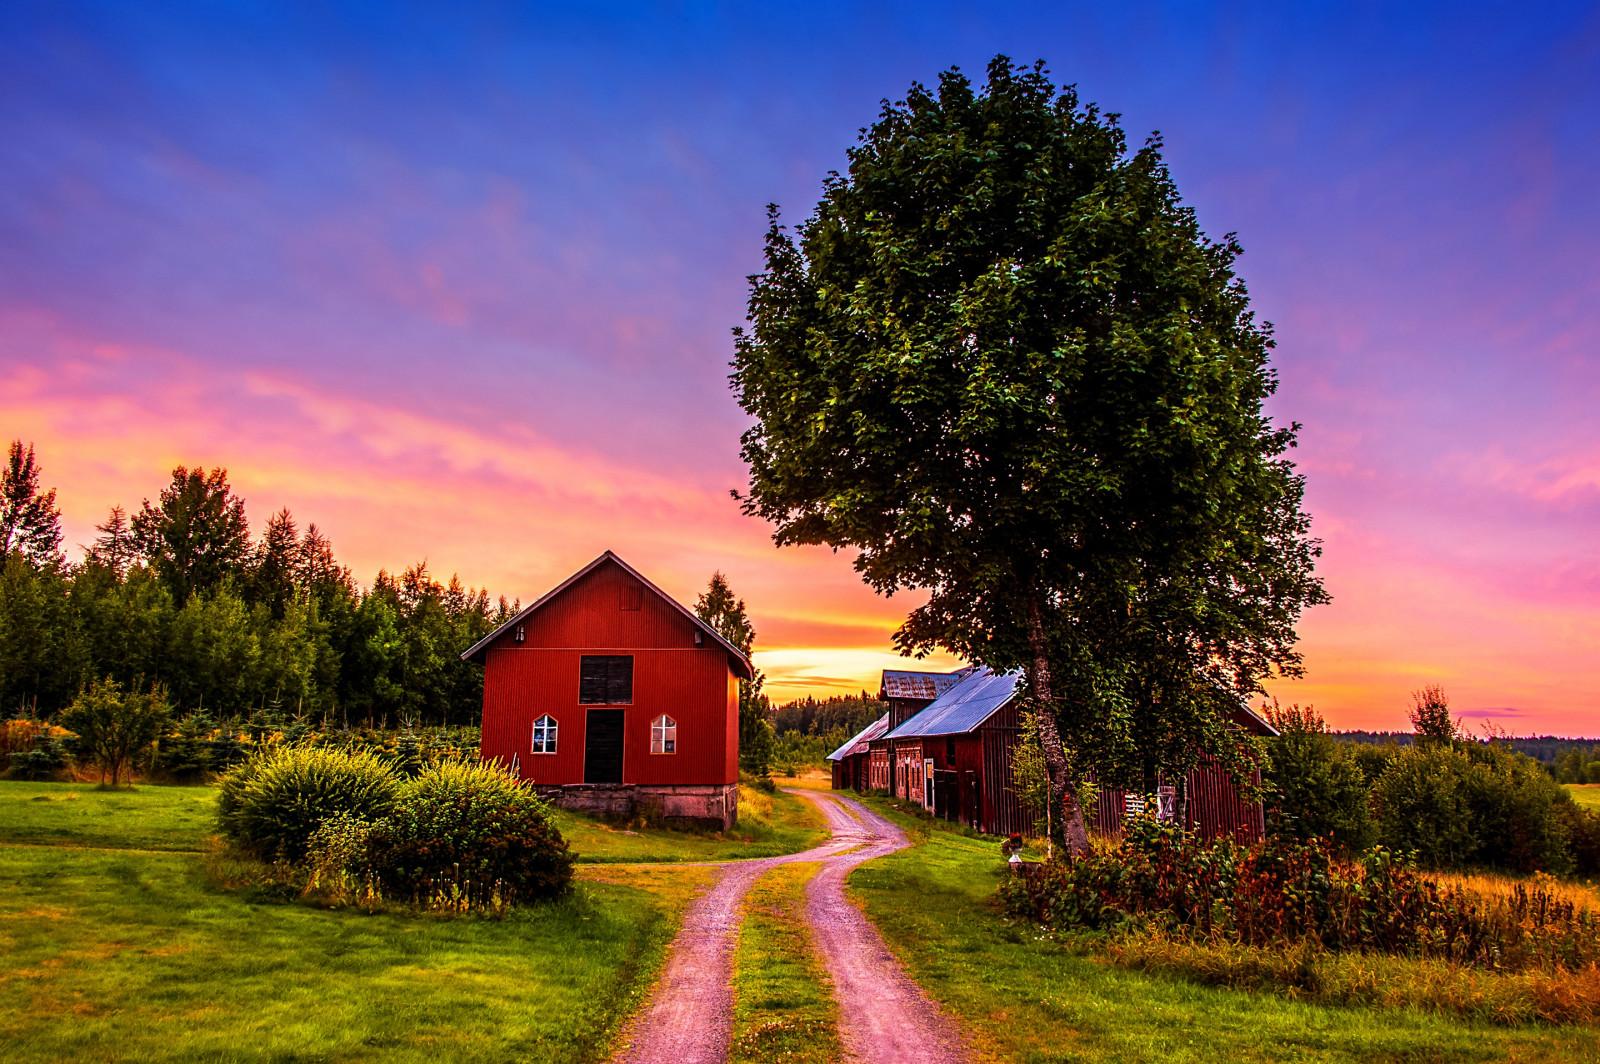 Картинки дом на природе с солнцем, сторона